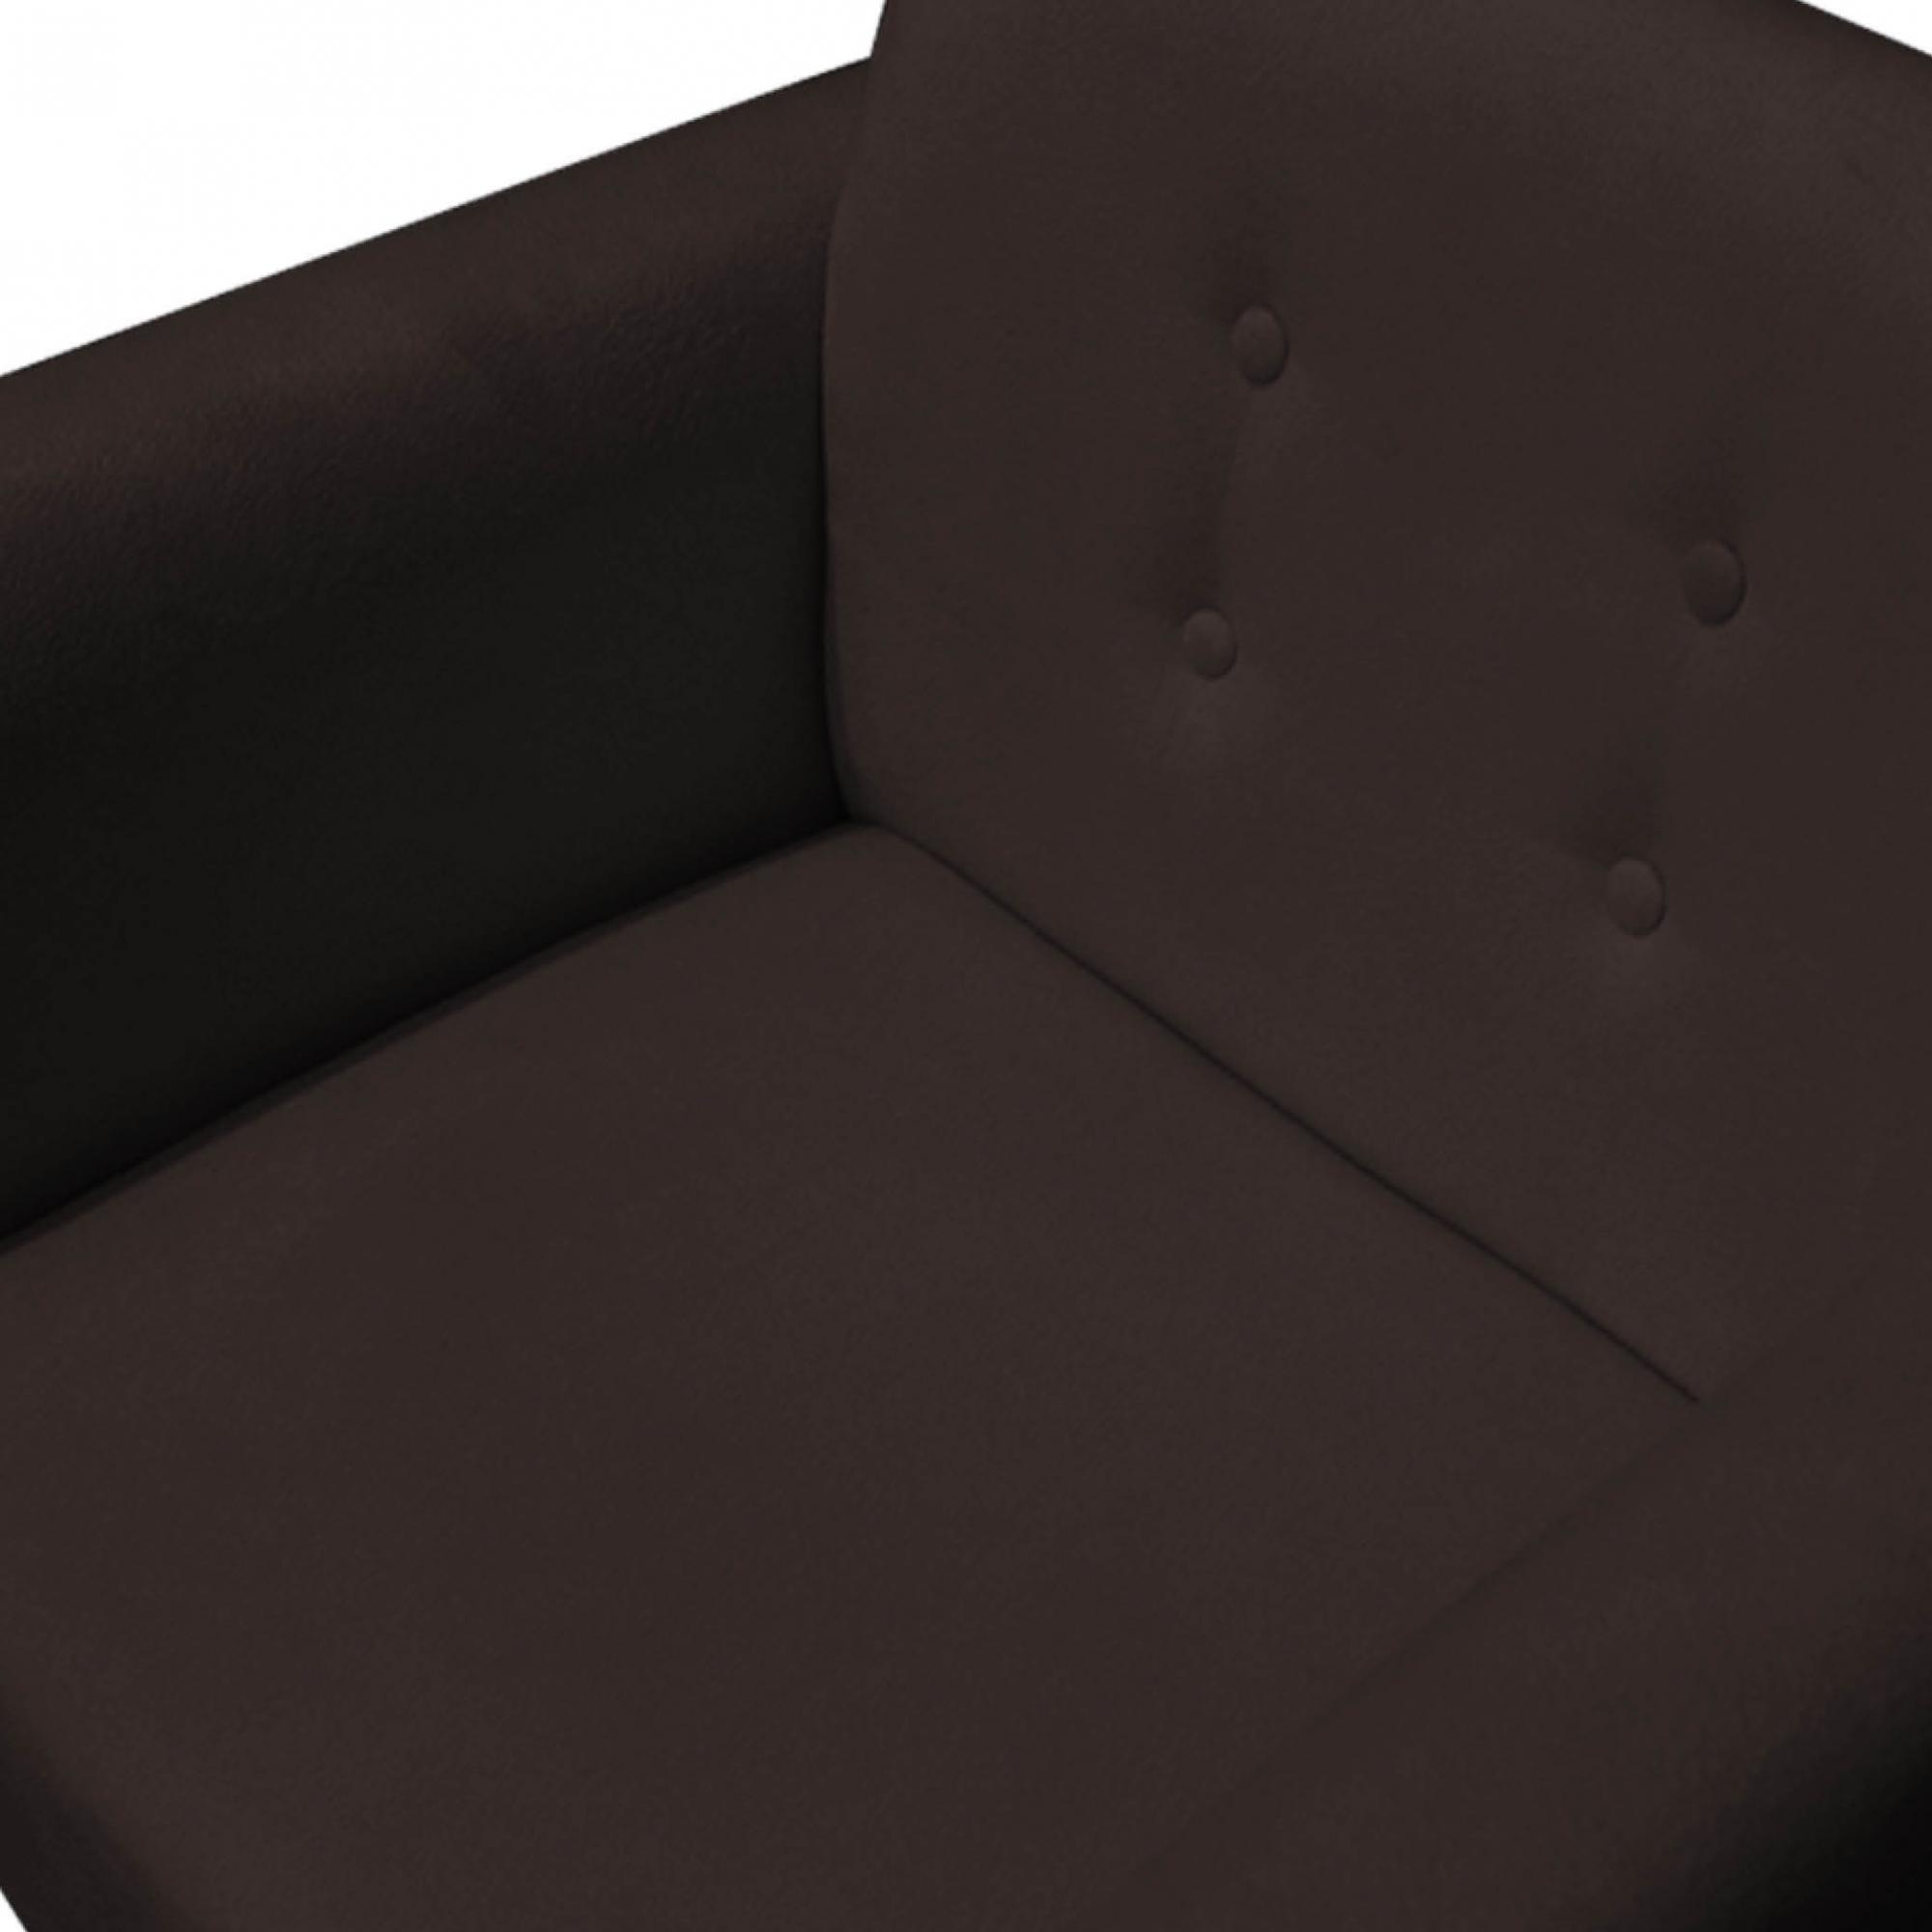 Kit 4 Poltrona Duda Decoraçâo Pé Palito Cadeira Recepção Escritório Clinica D'Classe Decor Suede Marrom